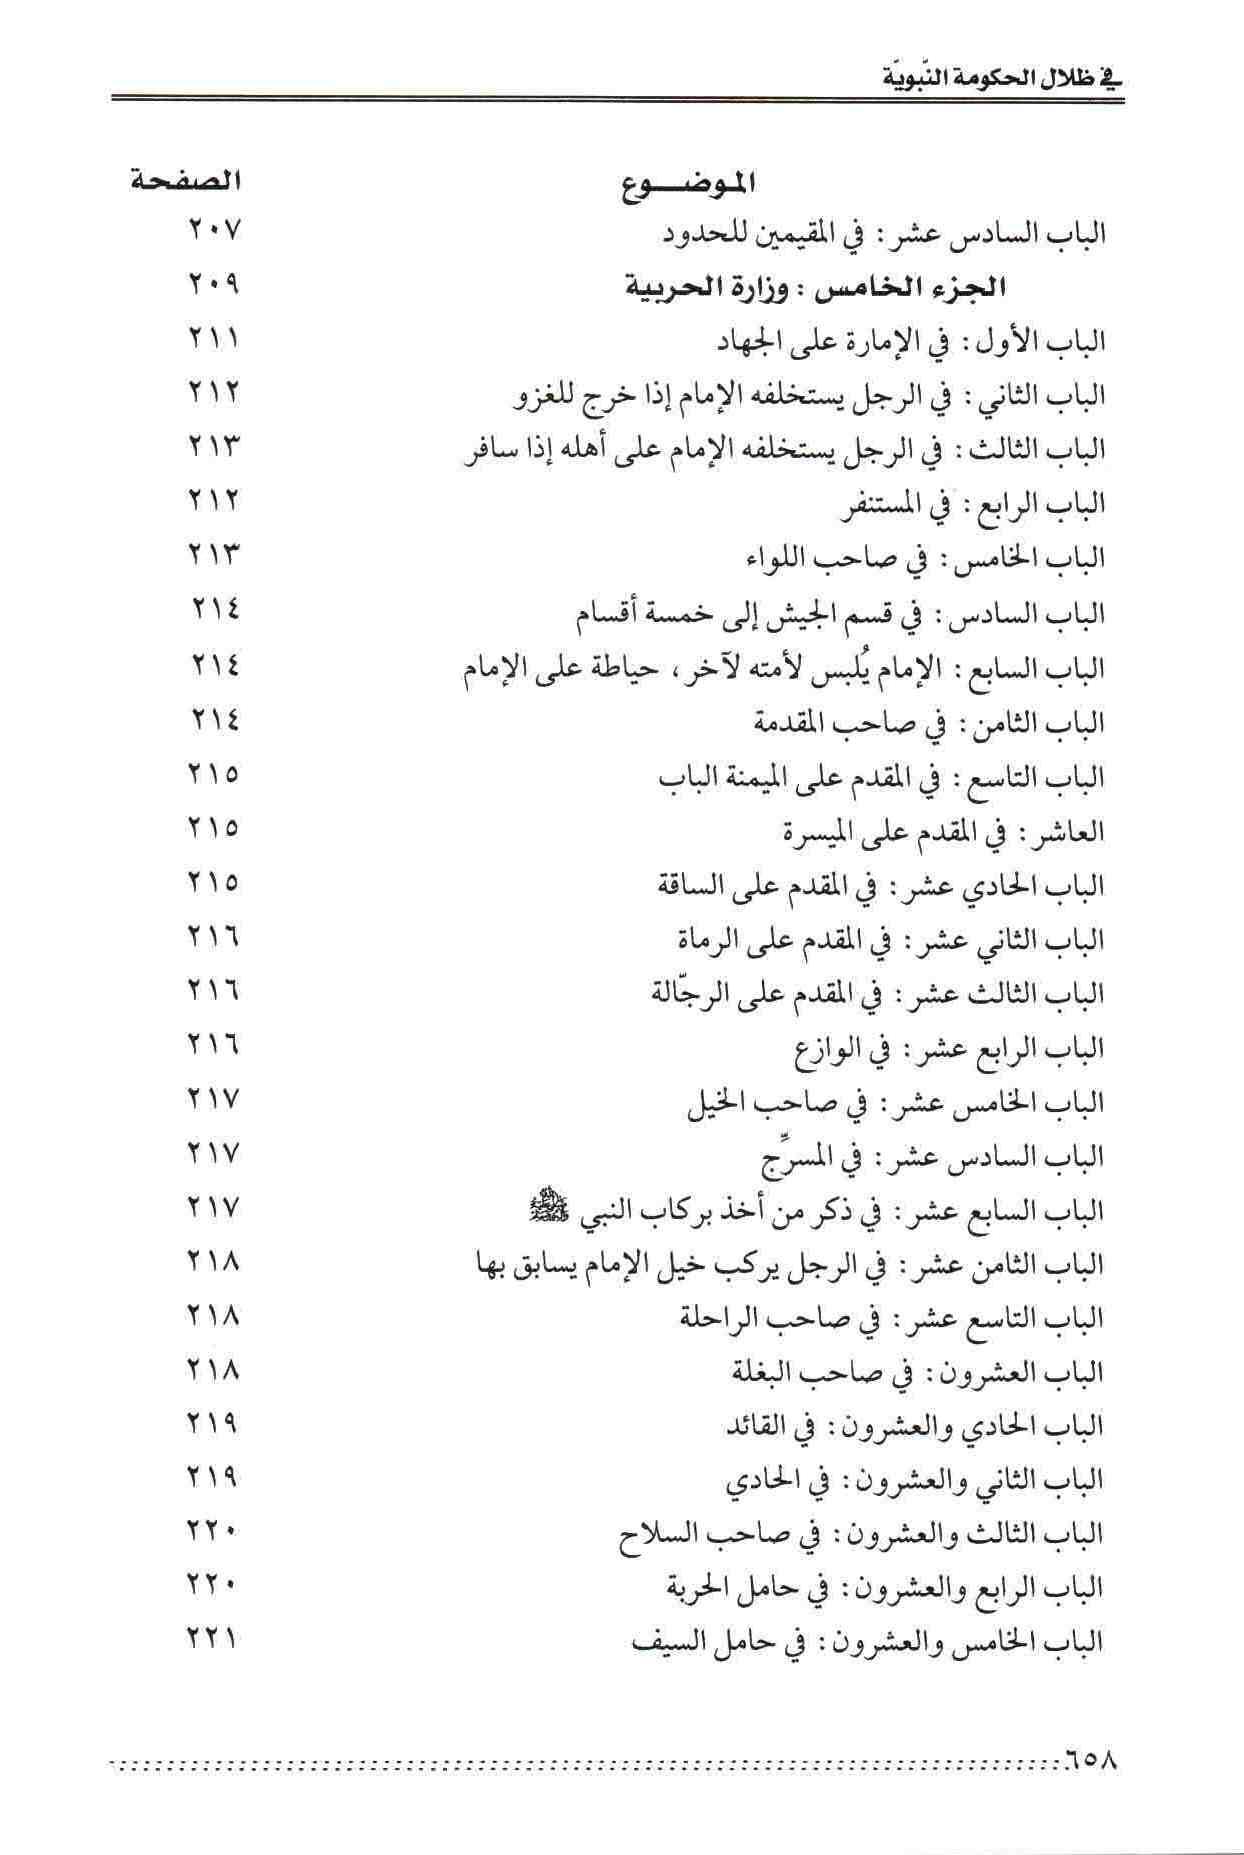 ص 58 محتويات كتاب نظام الحكومة النبوية المسمي التراتيب الإدارية